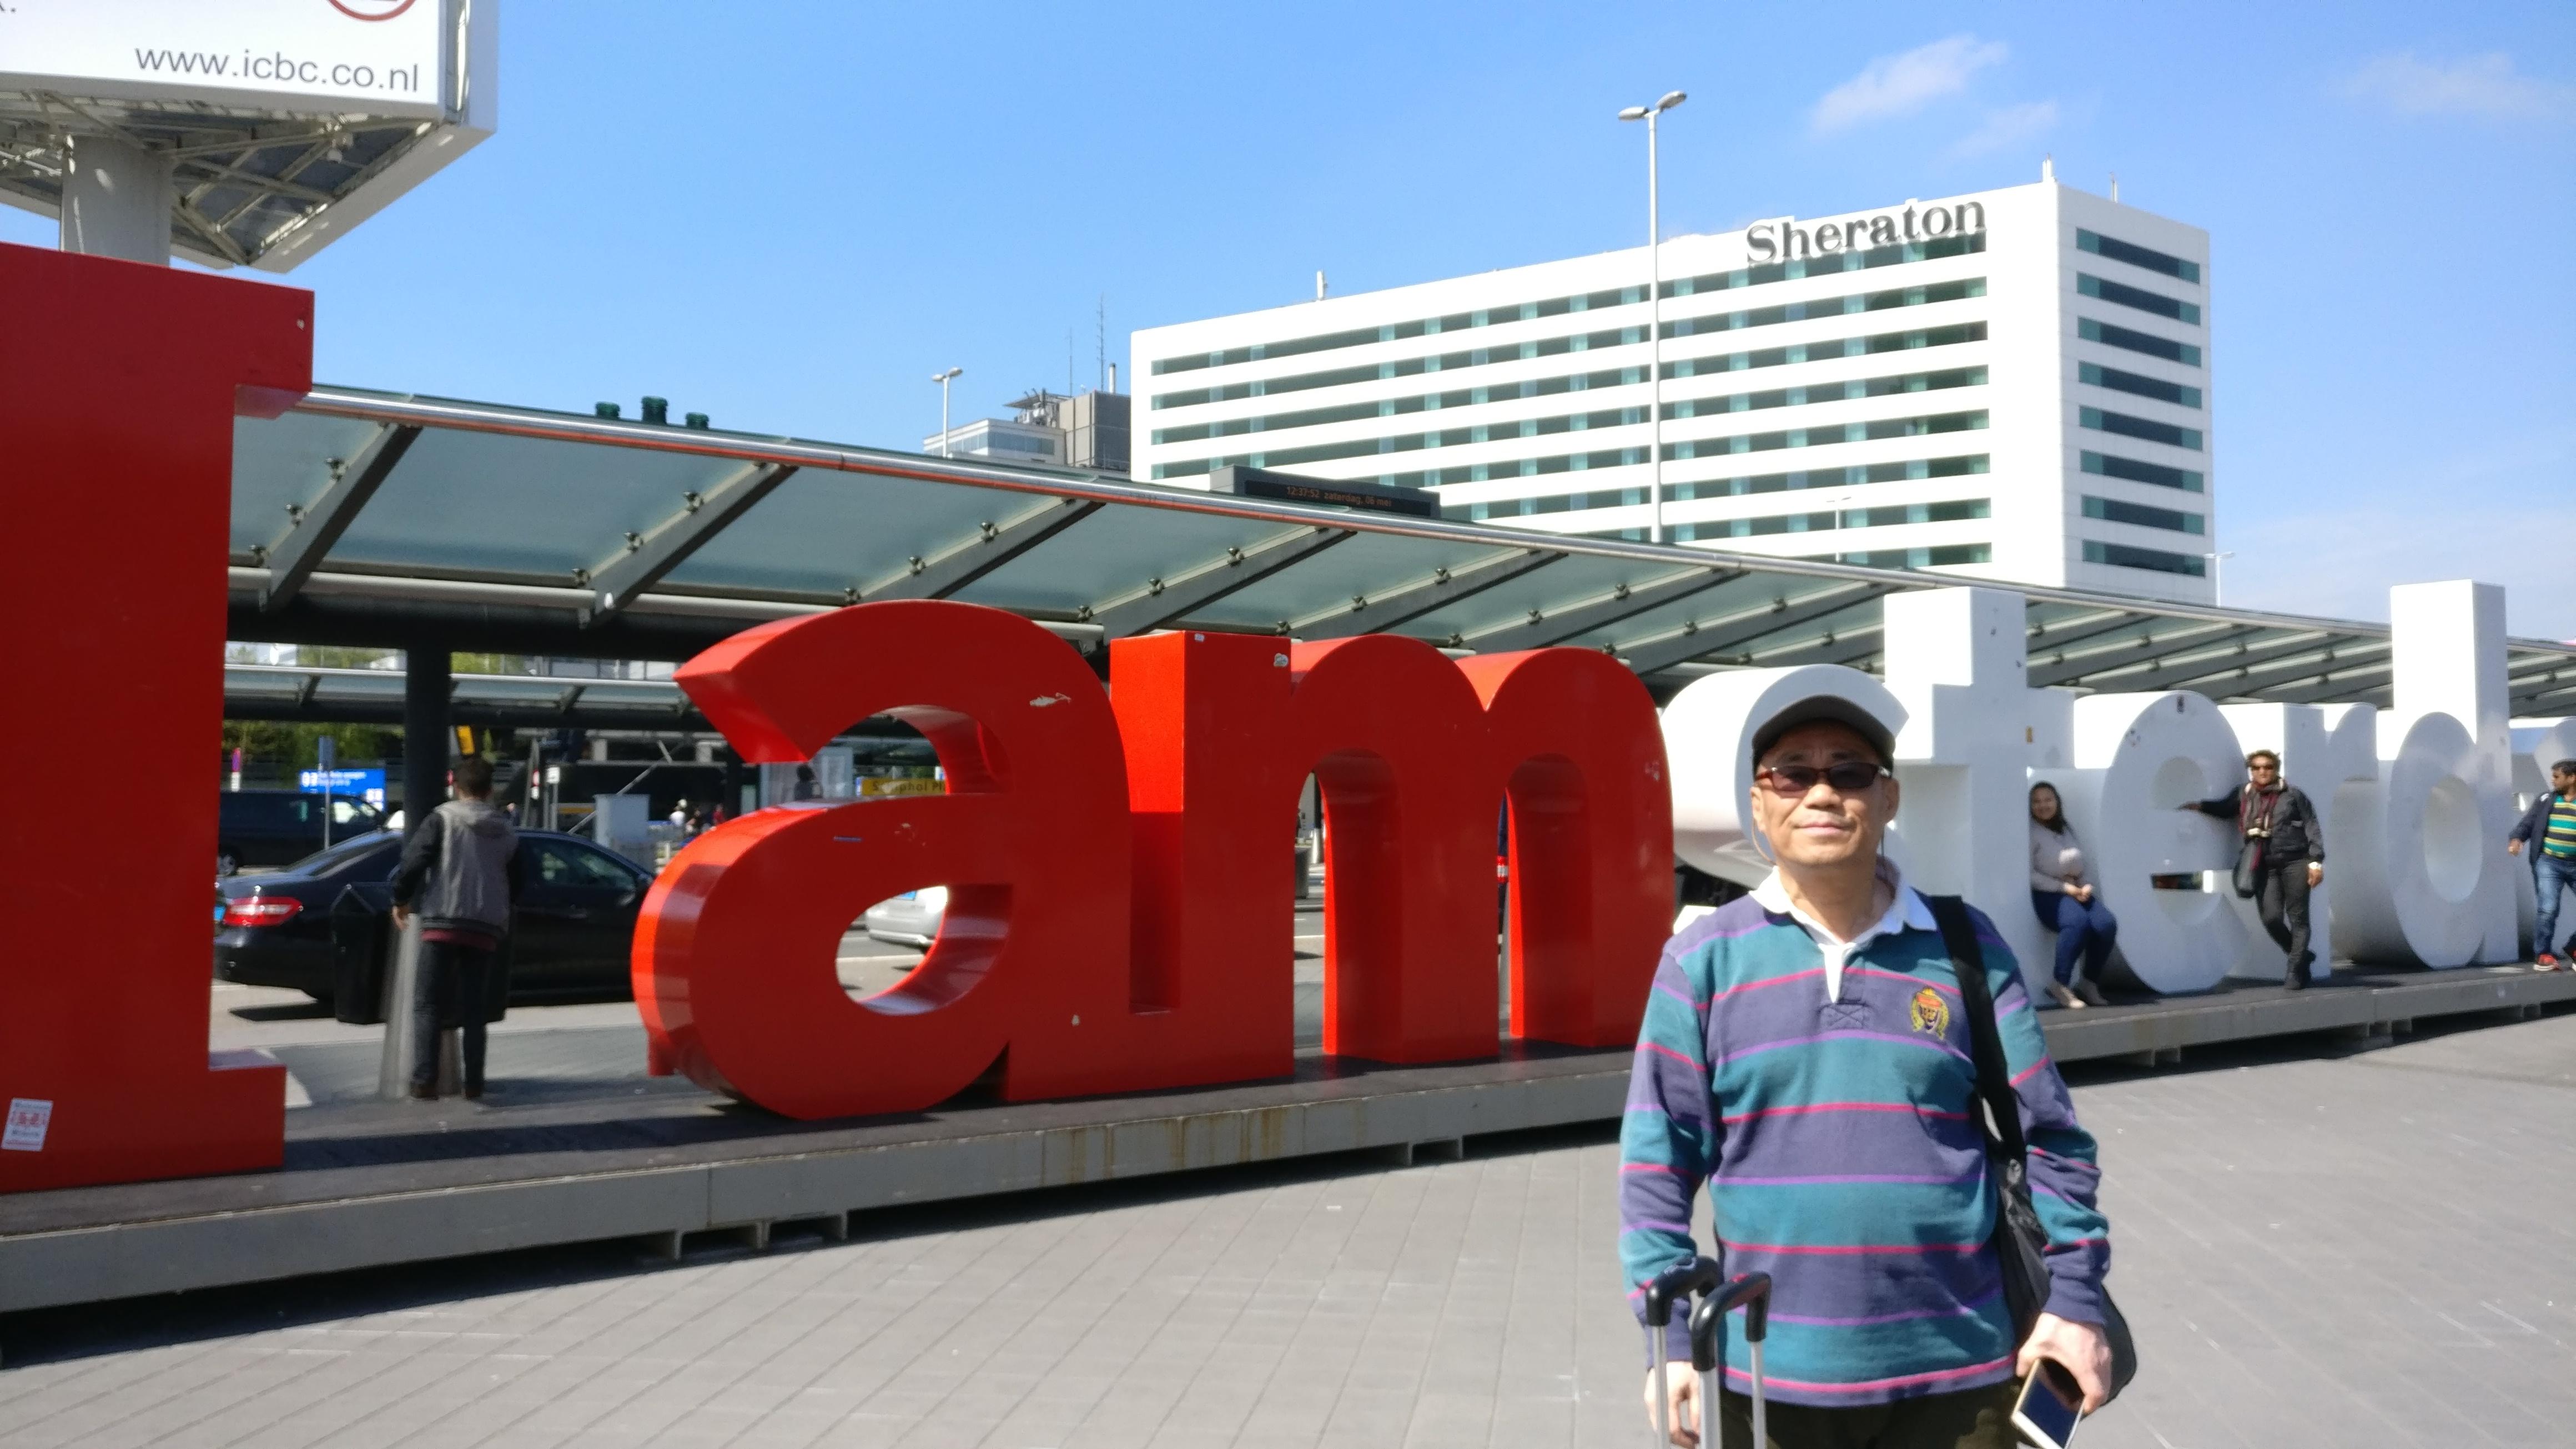 5月6日 |  到阿姆斯特丹了